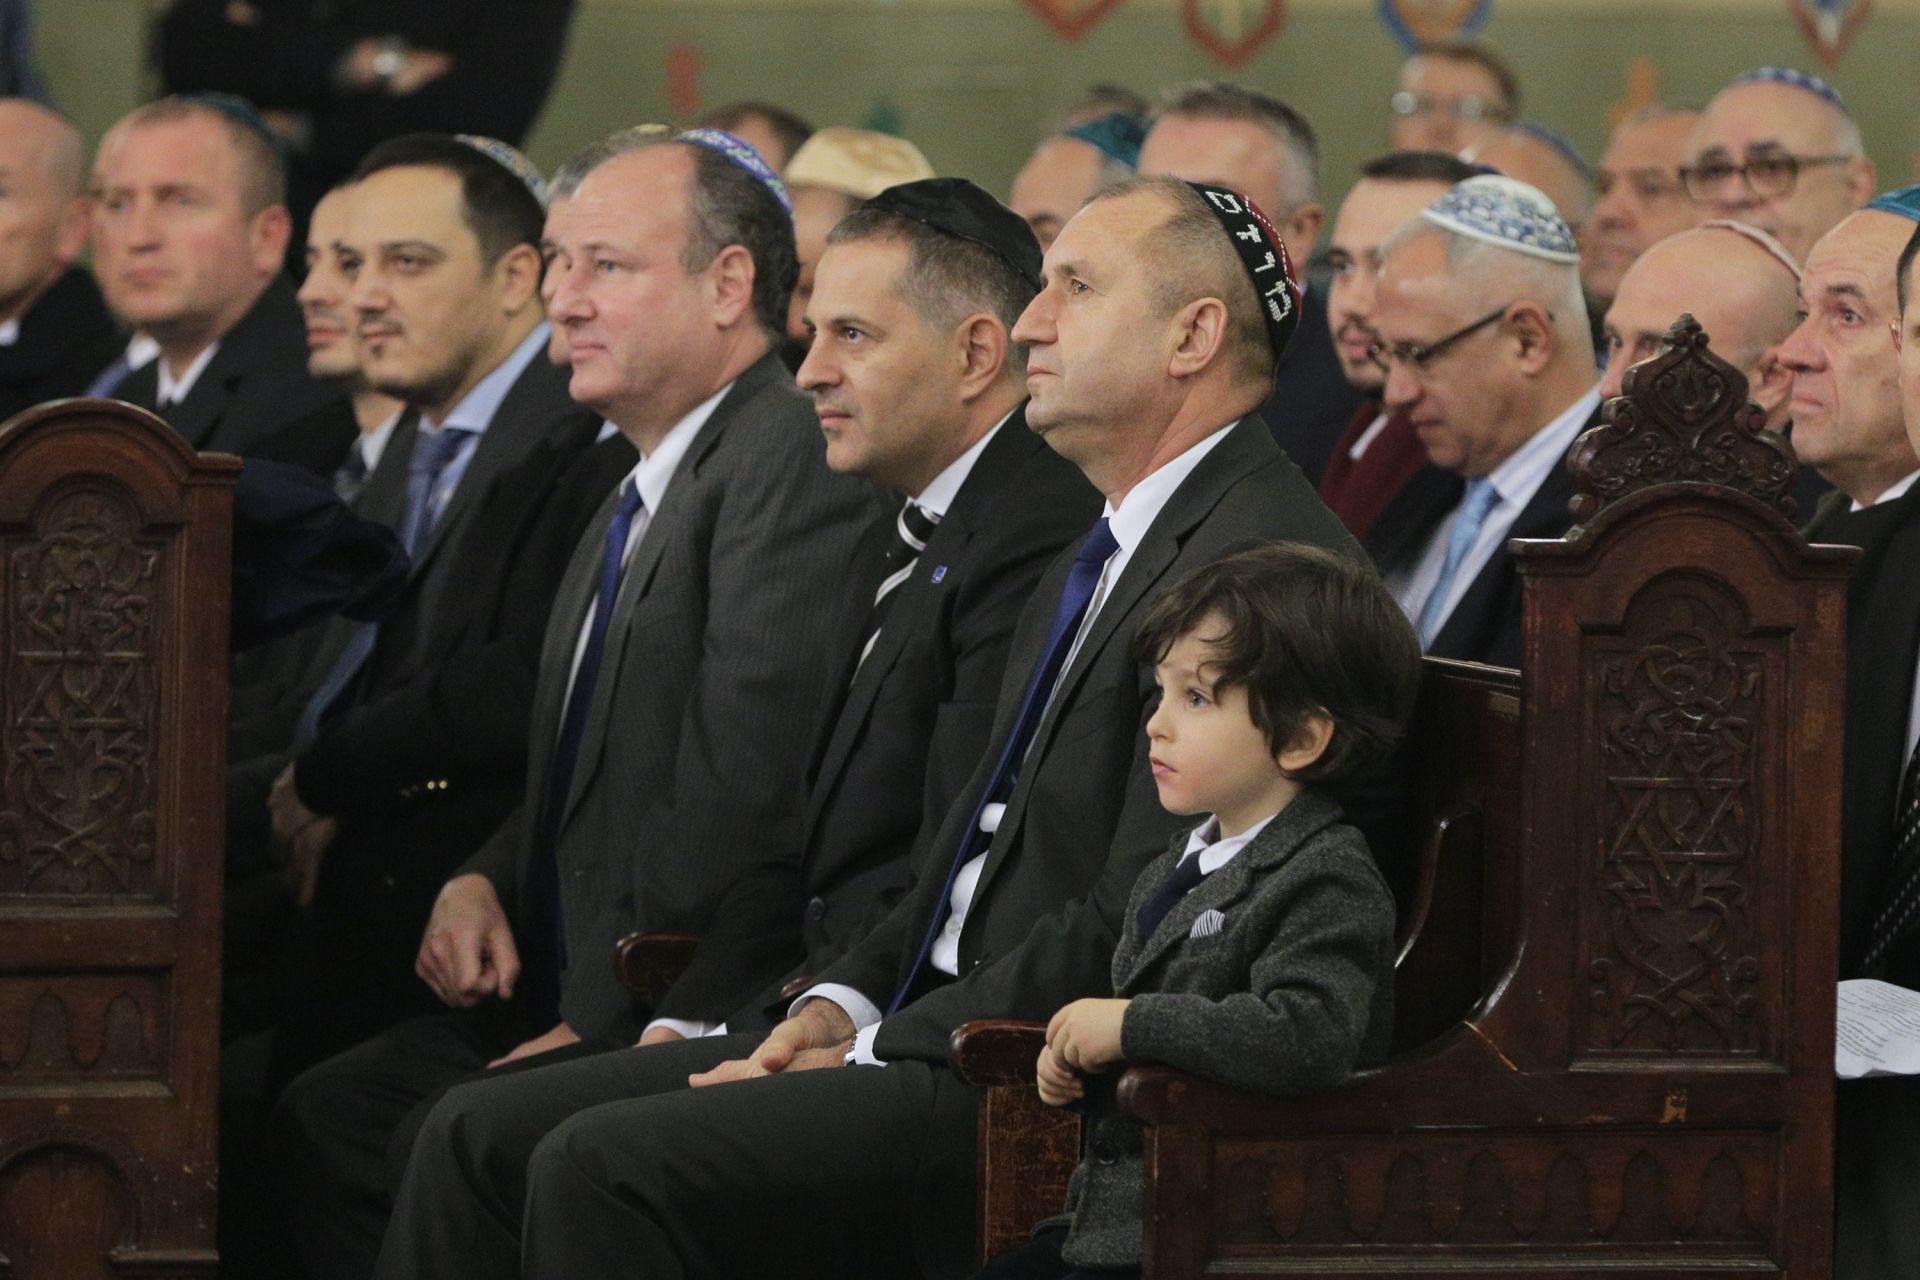 Българската еврейска общност винаги е давала на обществото ни светли умове, заяви президентът